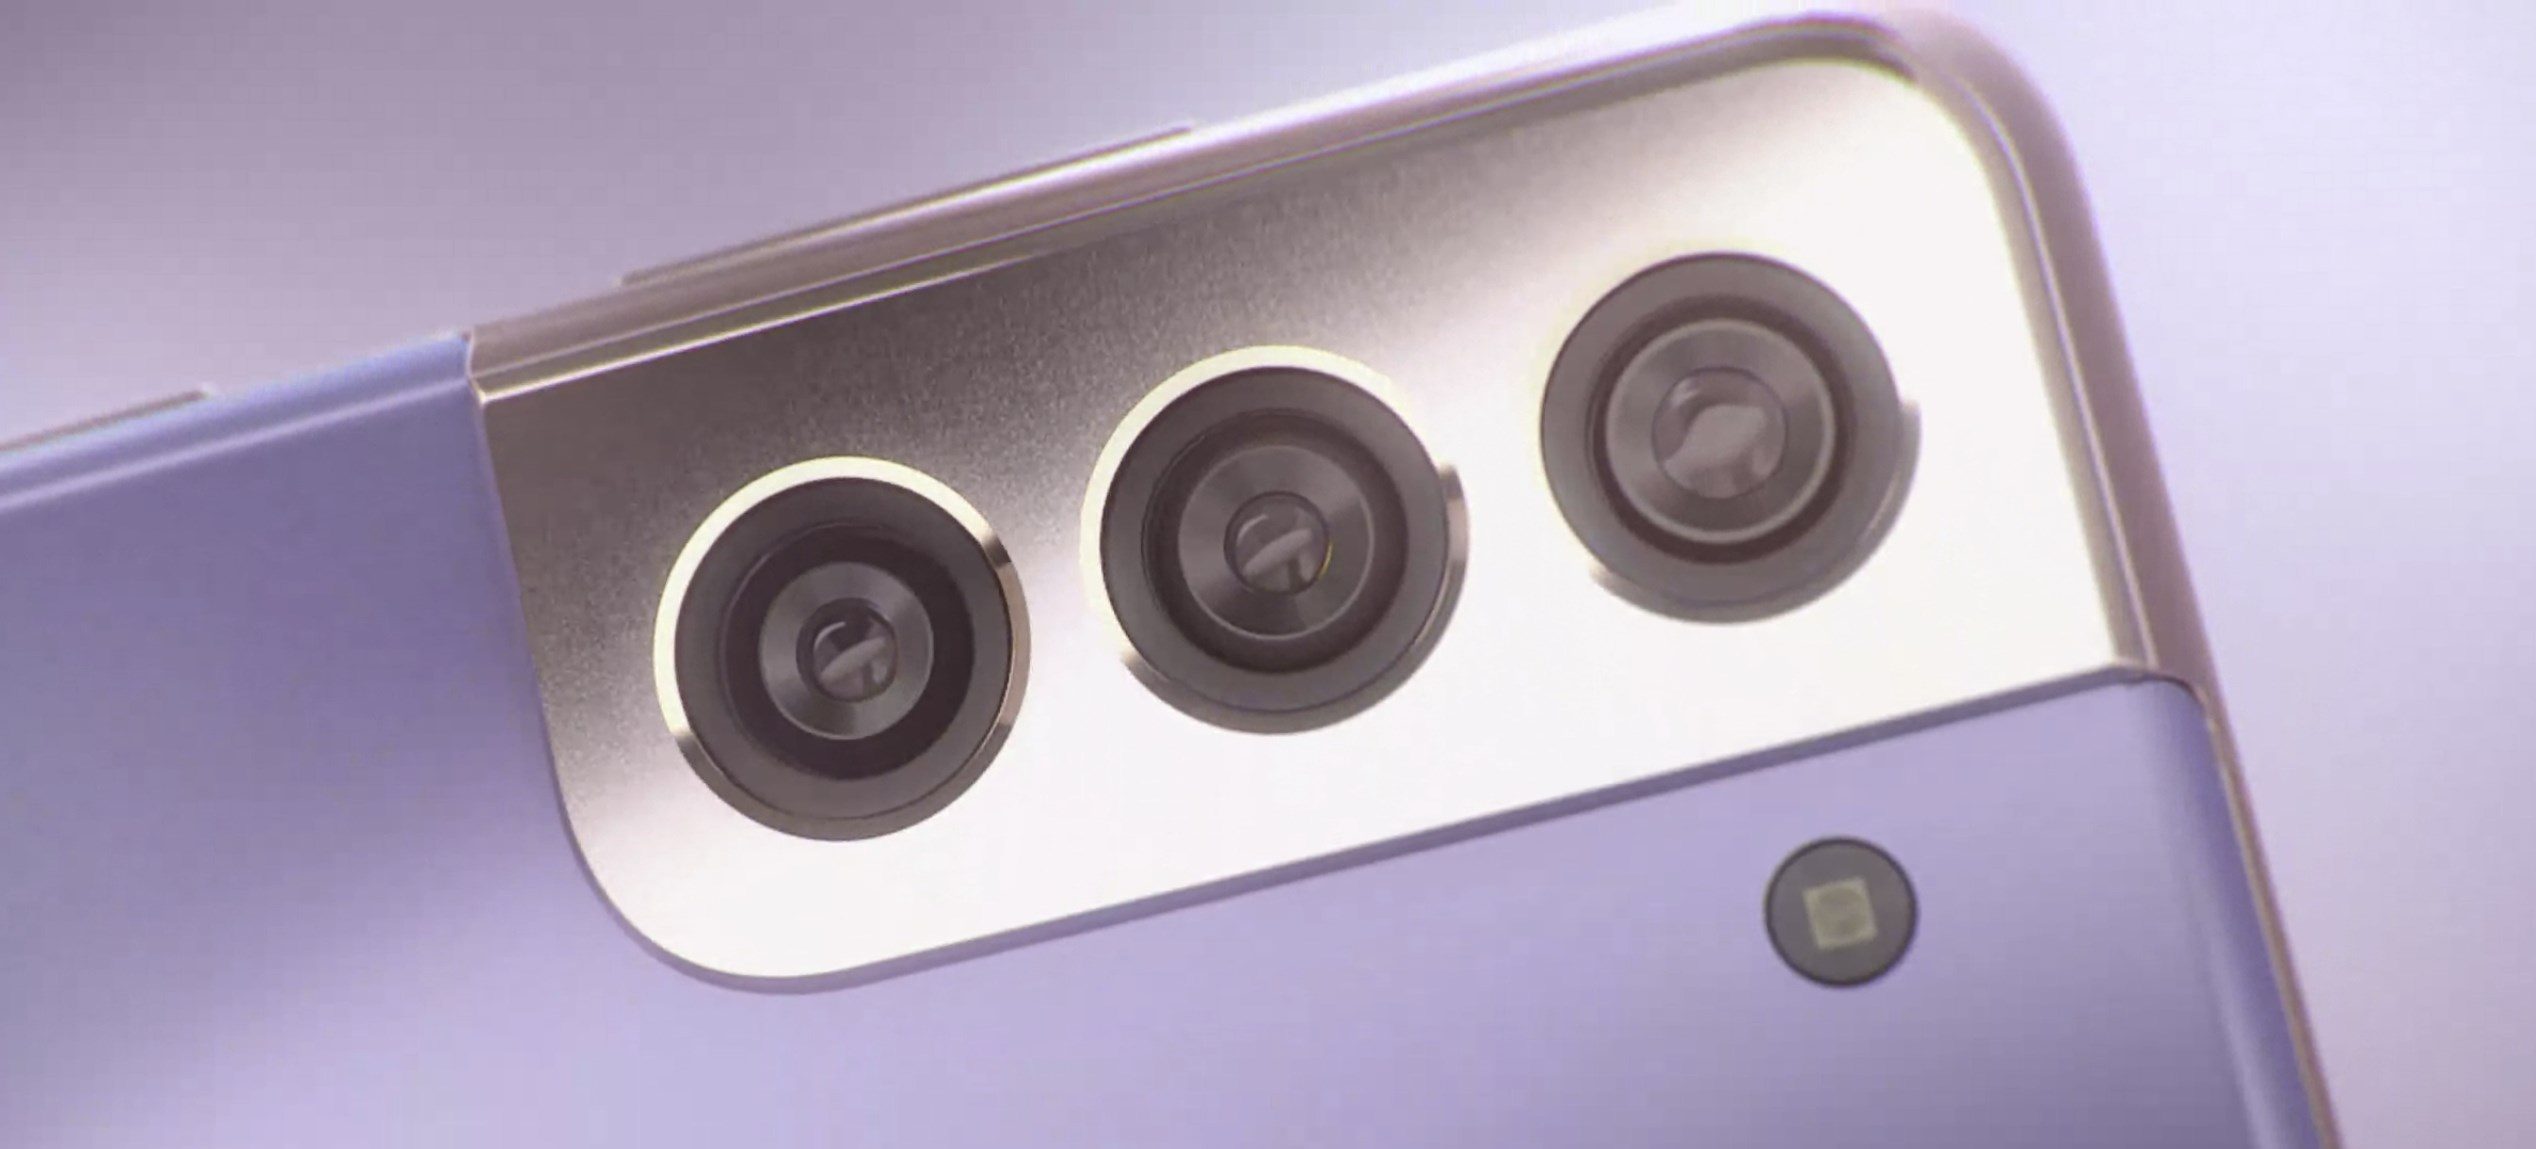 Samsung Galaxy S21: ¿Tendrá plástico como cubierta?